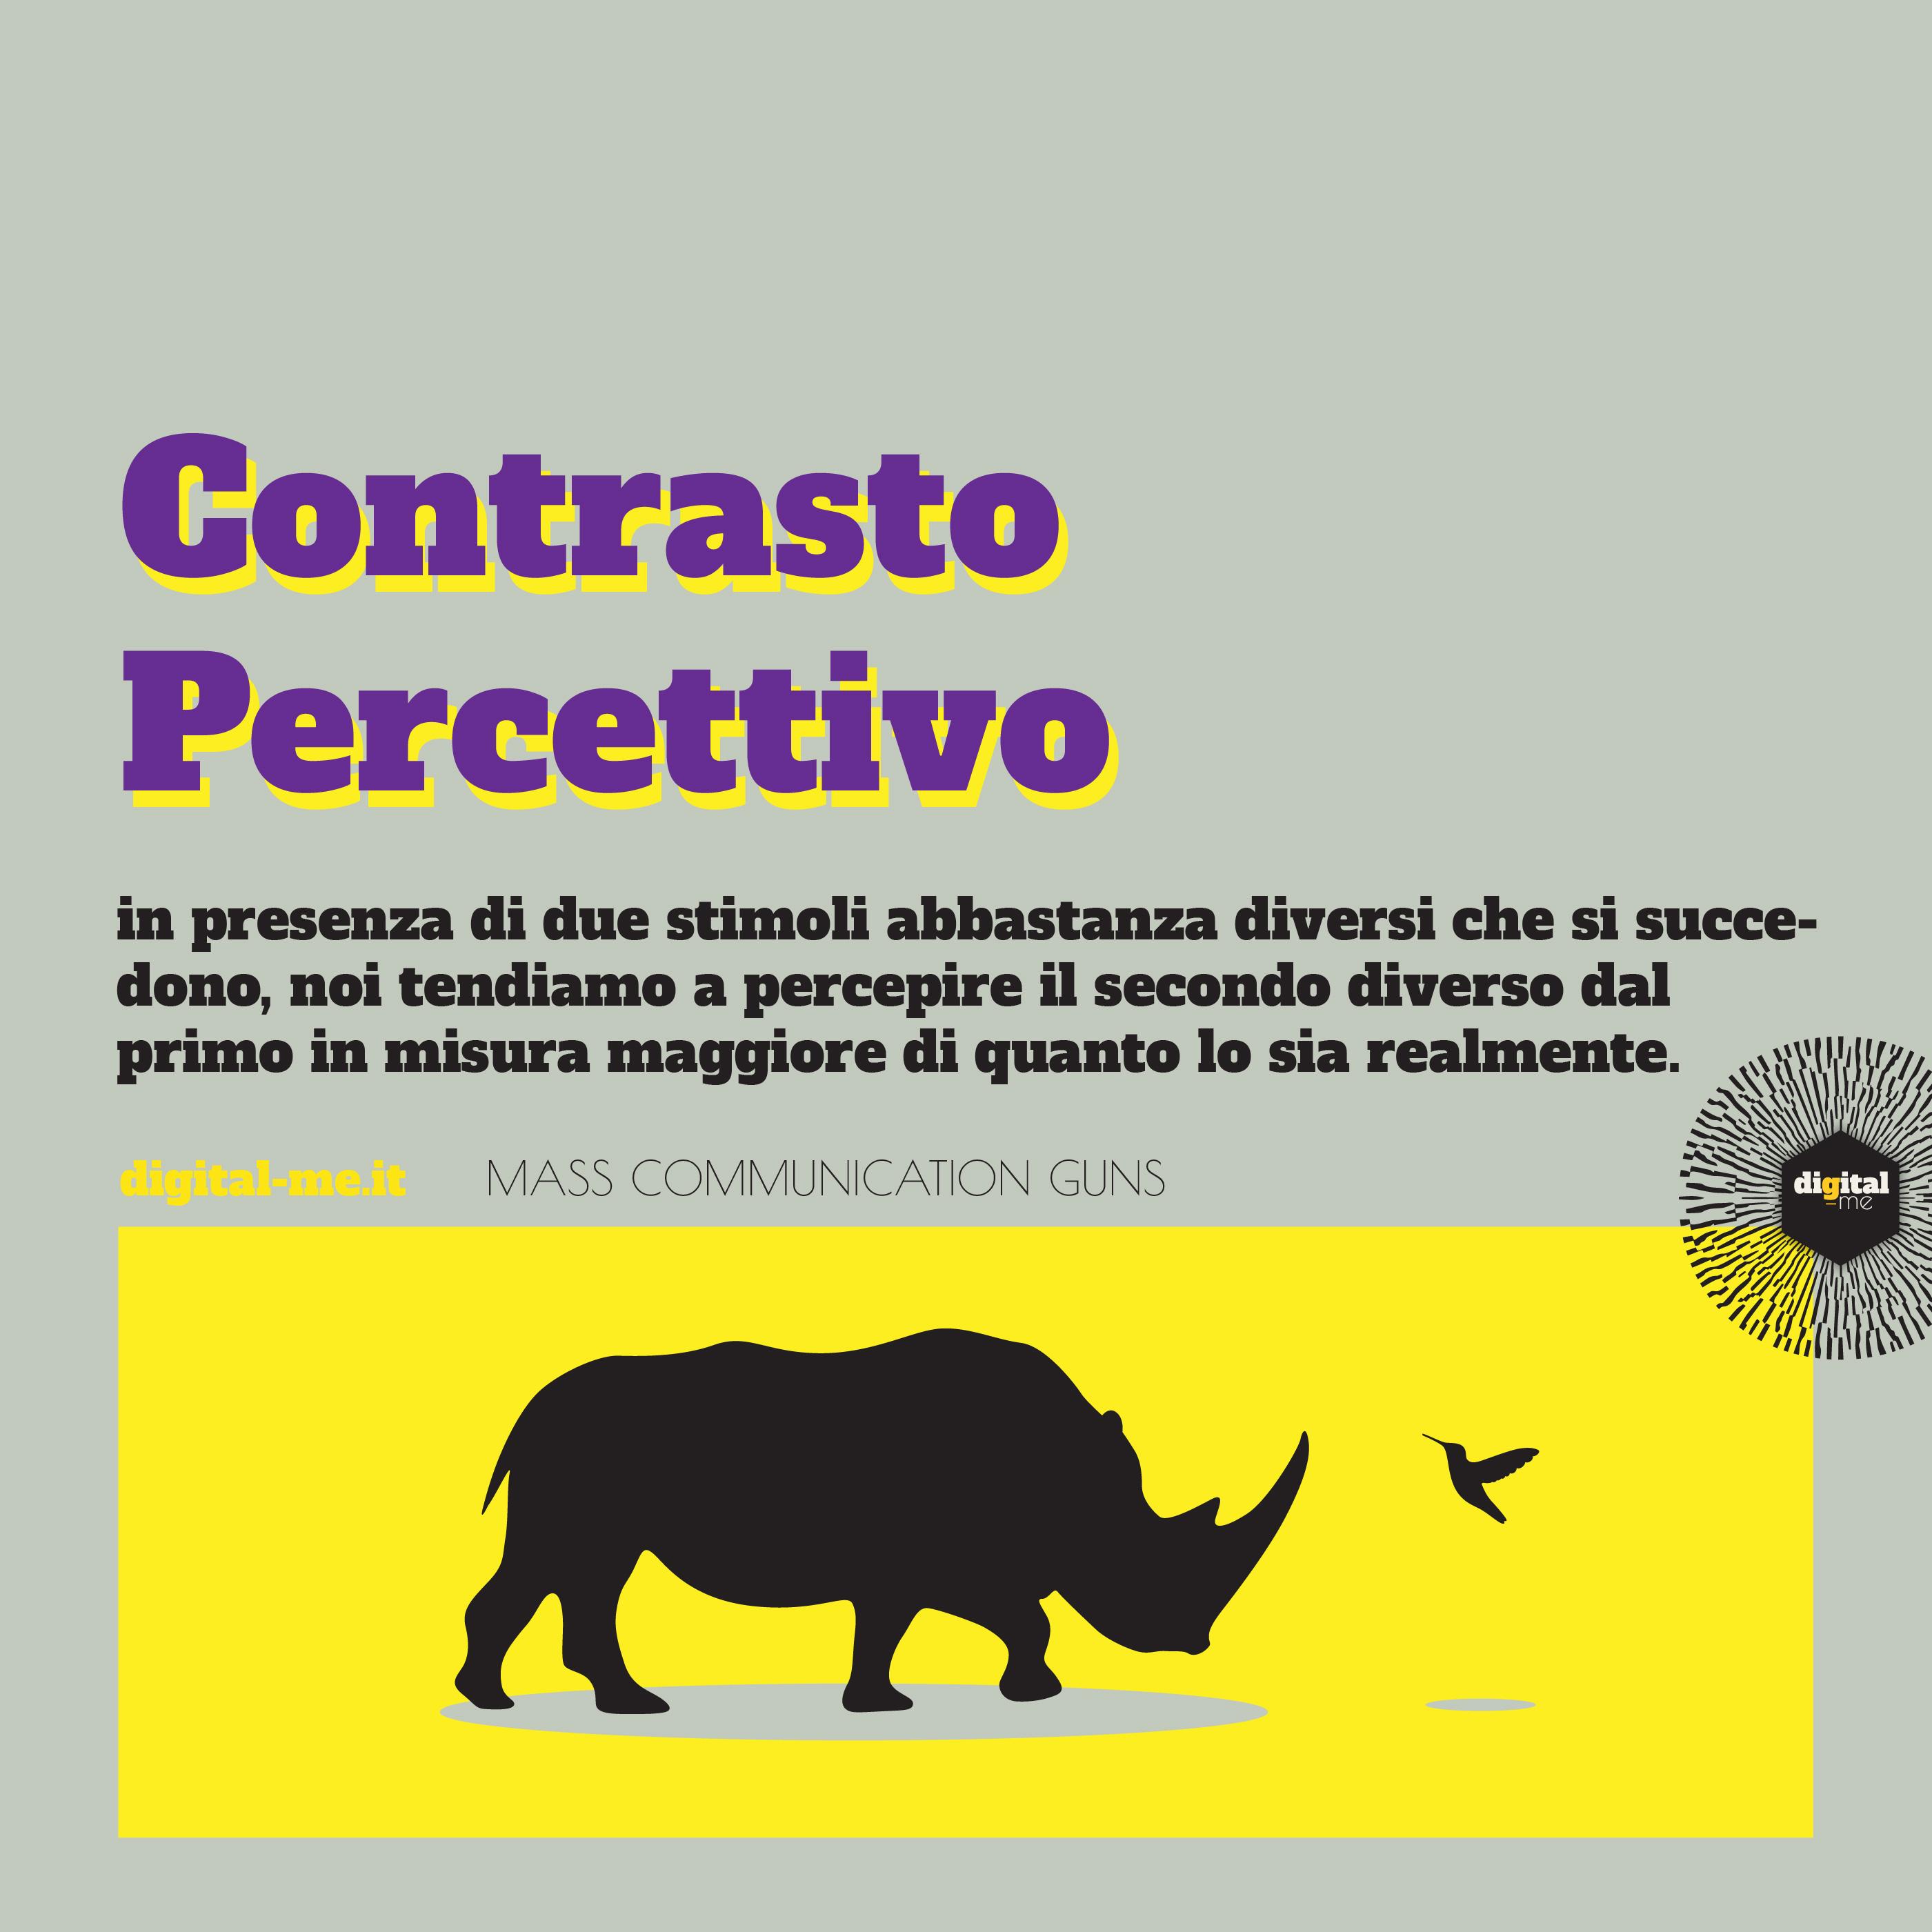 Il principio di contrasto